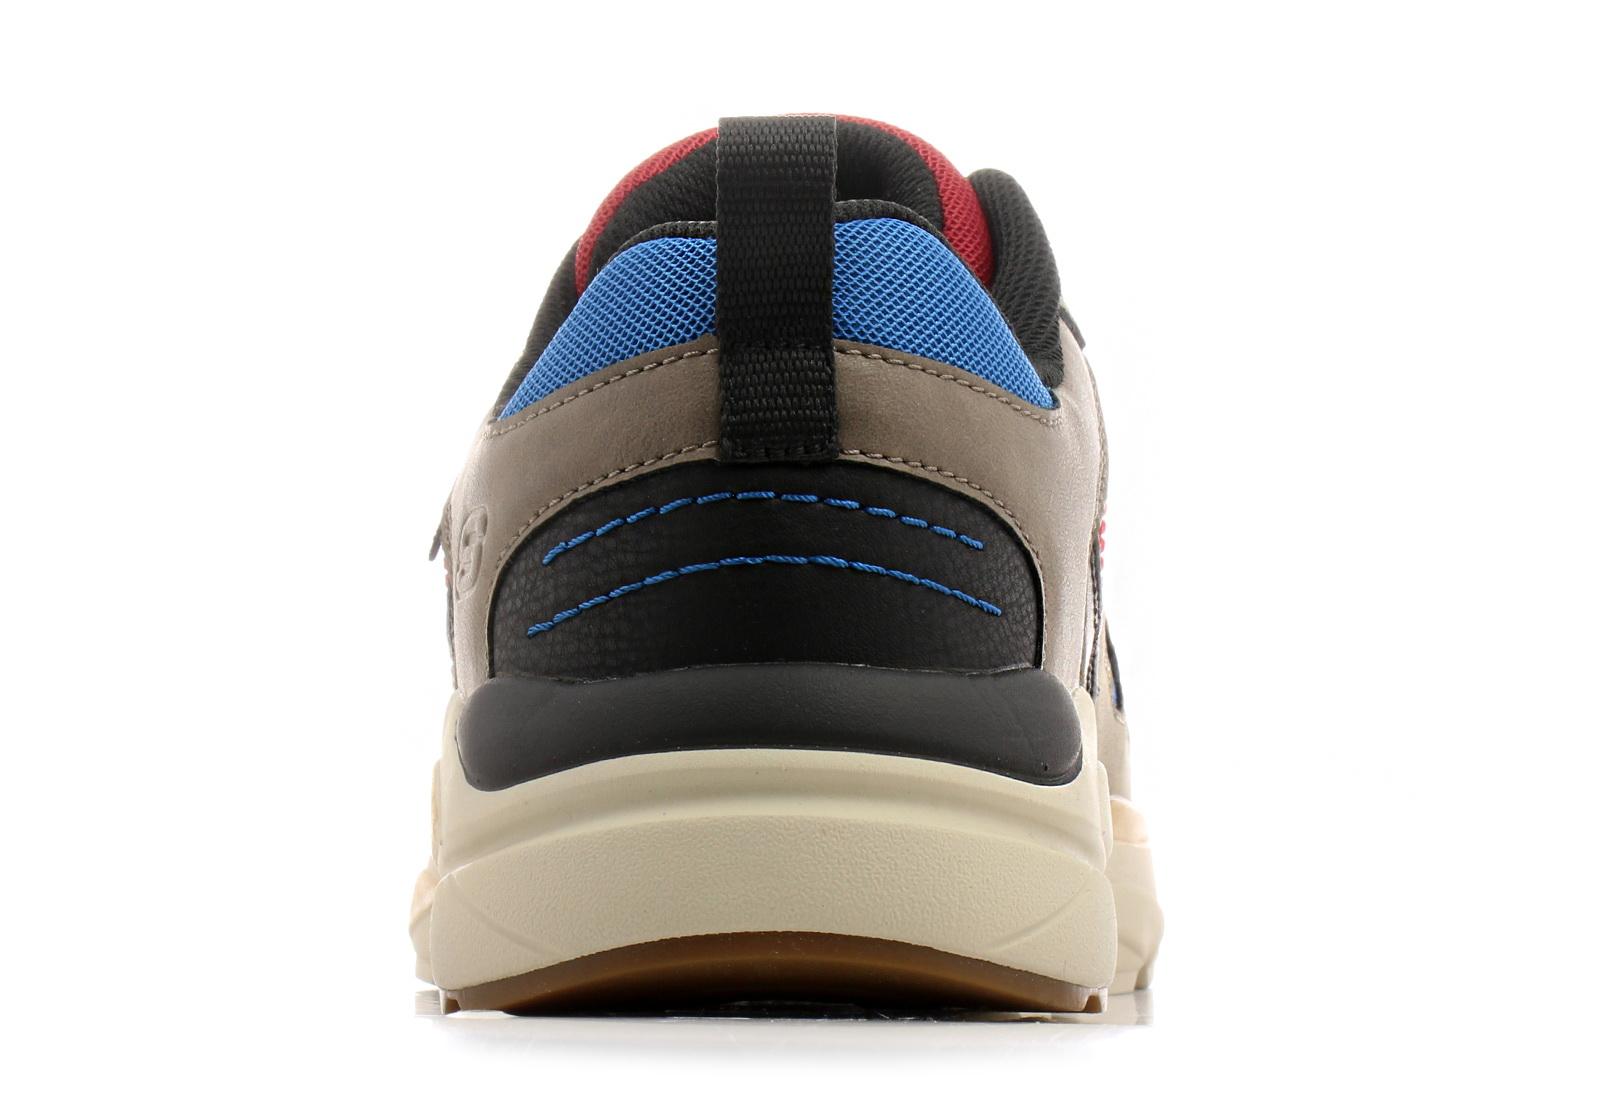 Skechers Topánky - Verrado - Brogen - 66020-brbk - Tenisky 82088e9d47a